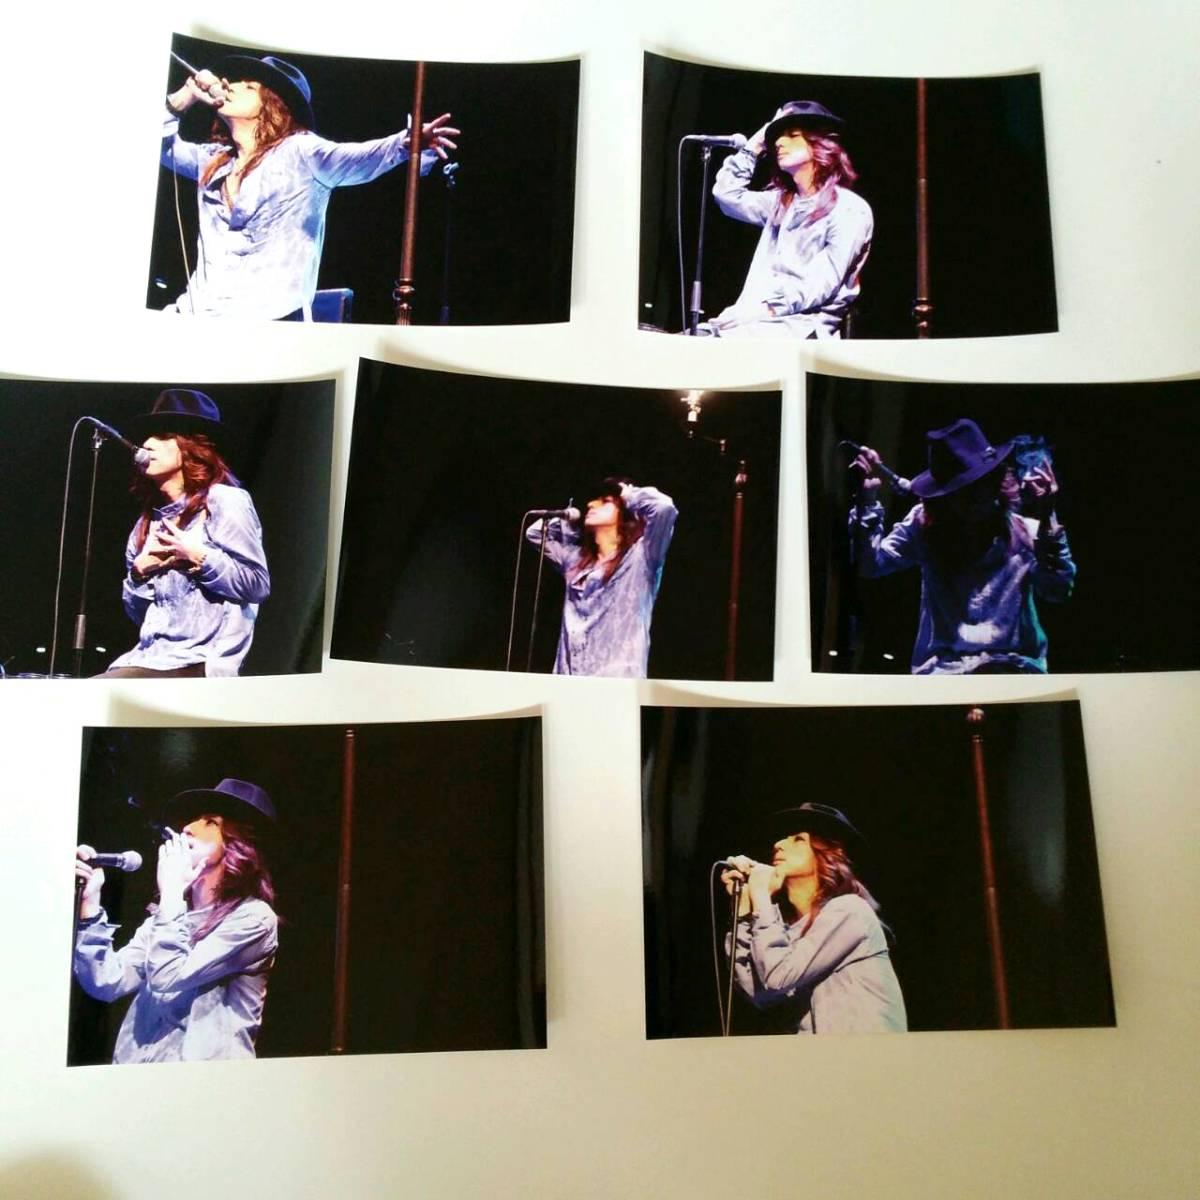 フォトカード MONTHLY PLUGLESS 5/23 A 7枚セット 黒夢 清春 KUROYUME KIYOHARU SADS サッズ